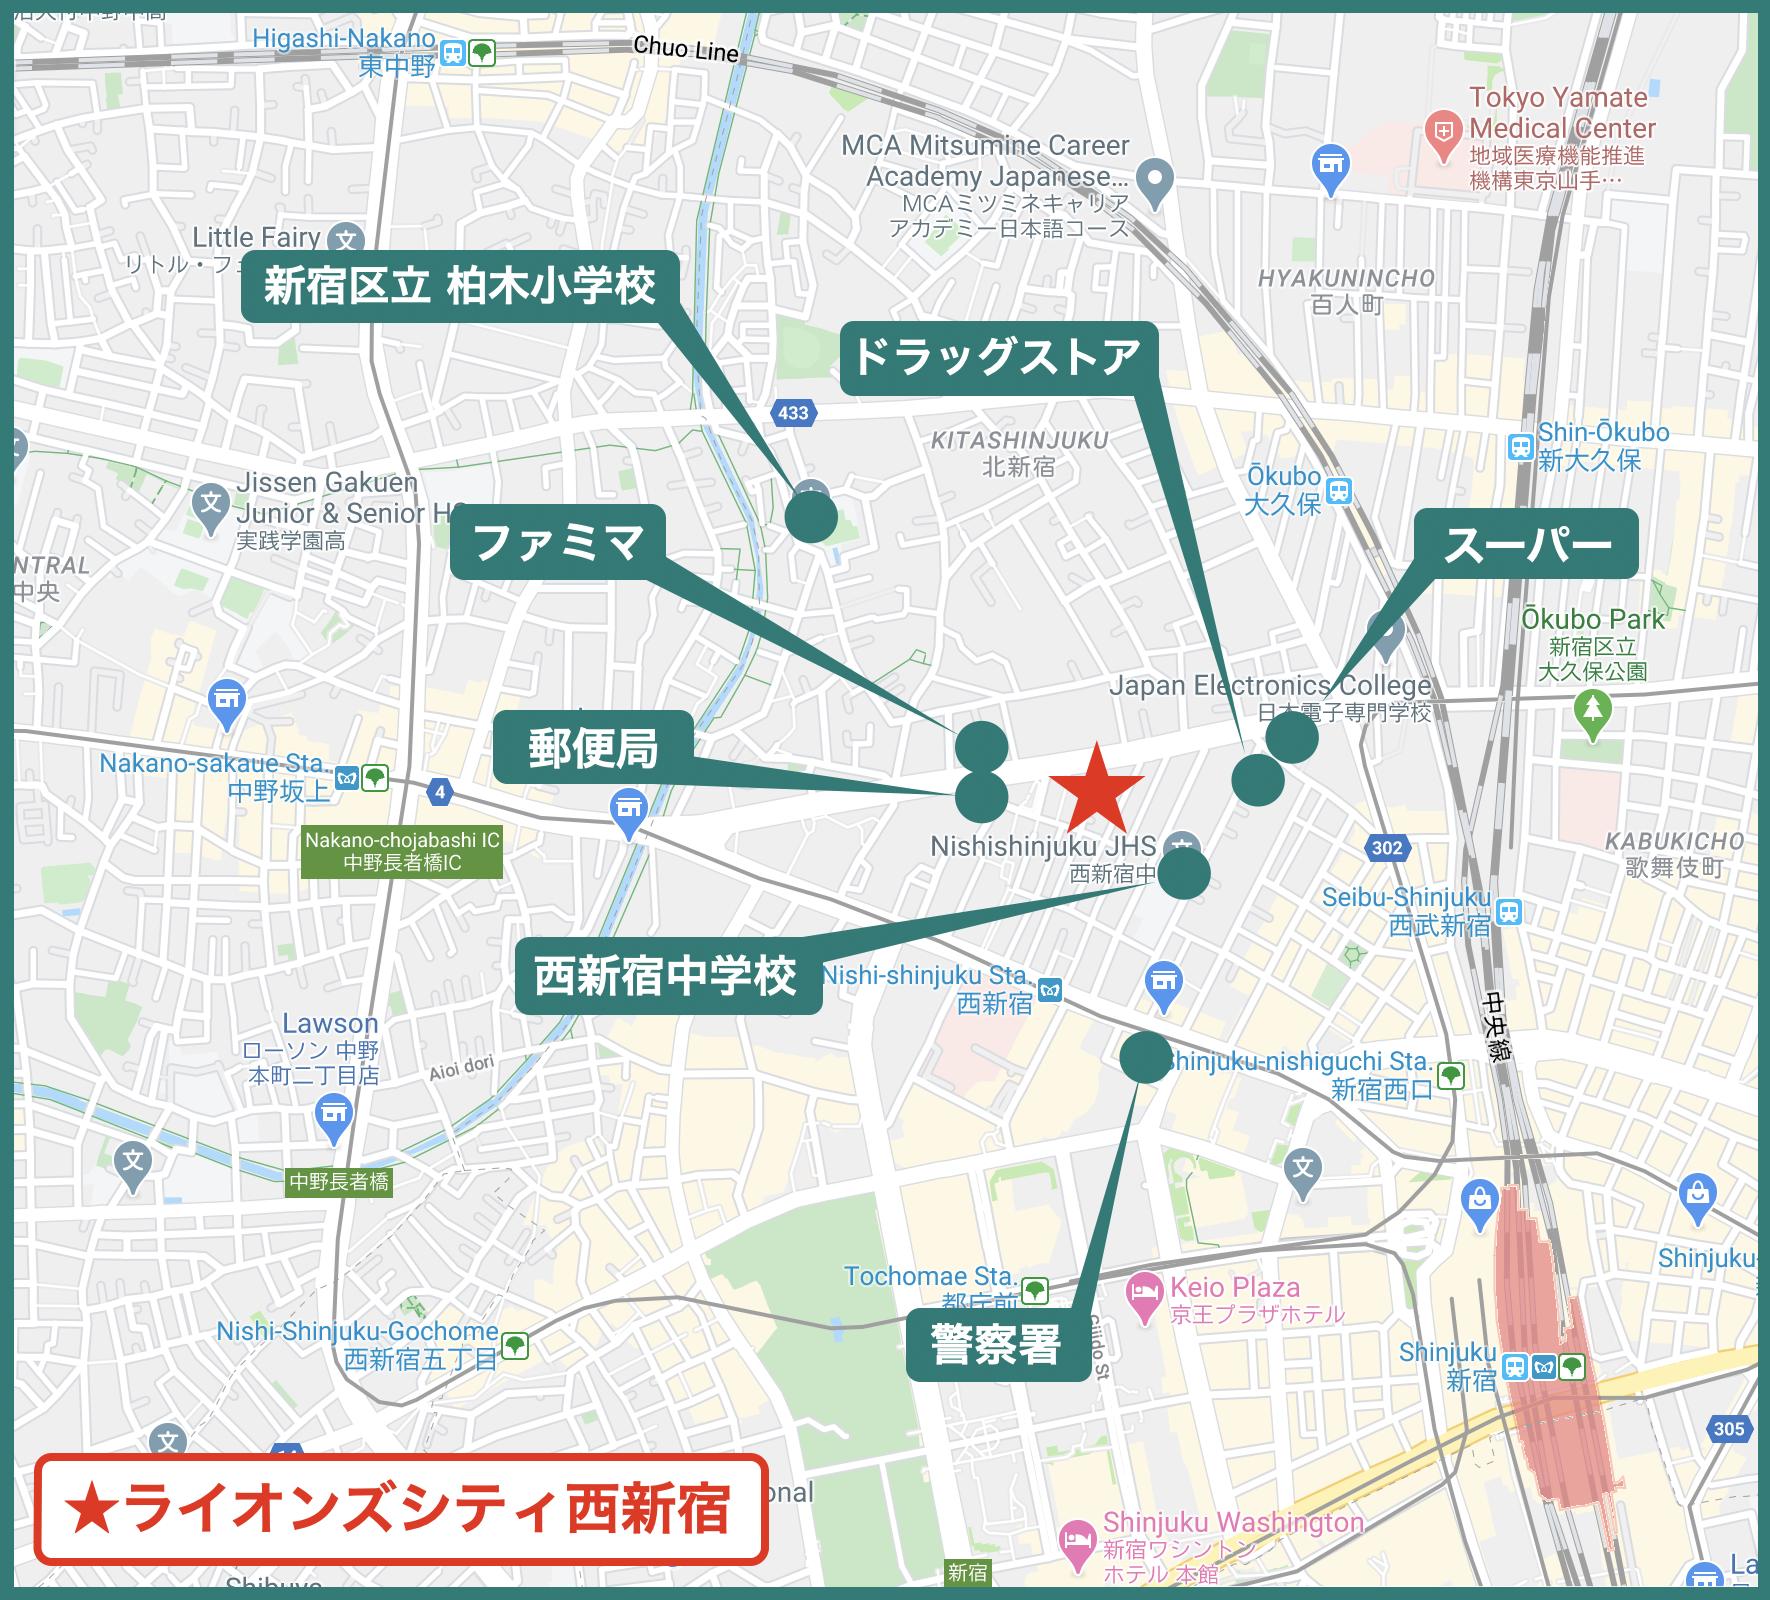 ライオンズシティ西新宿の周辺施設